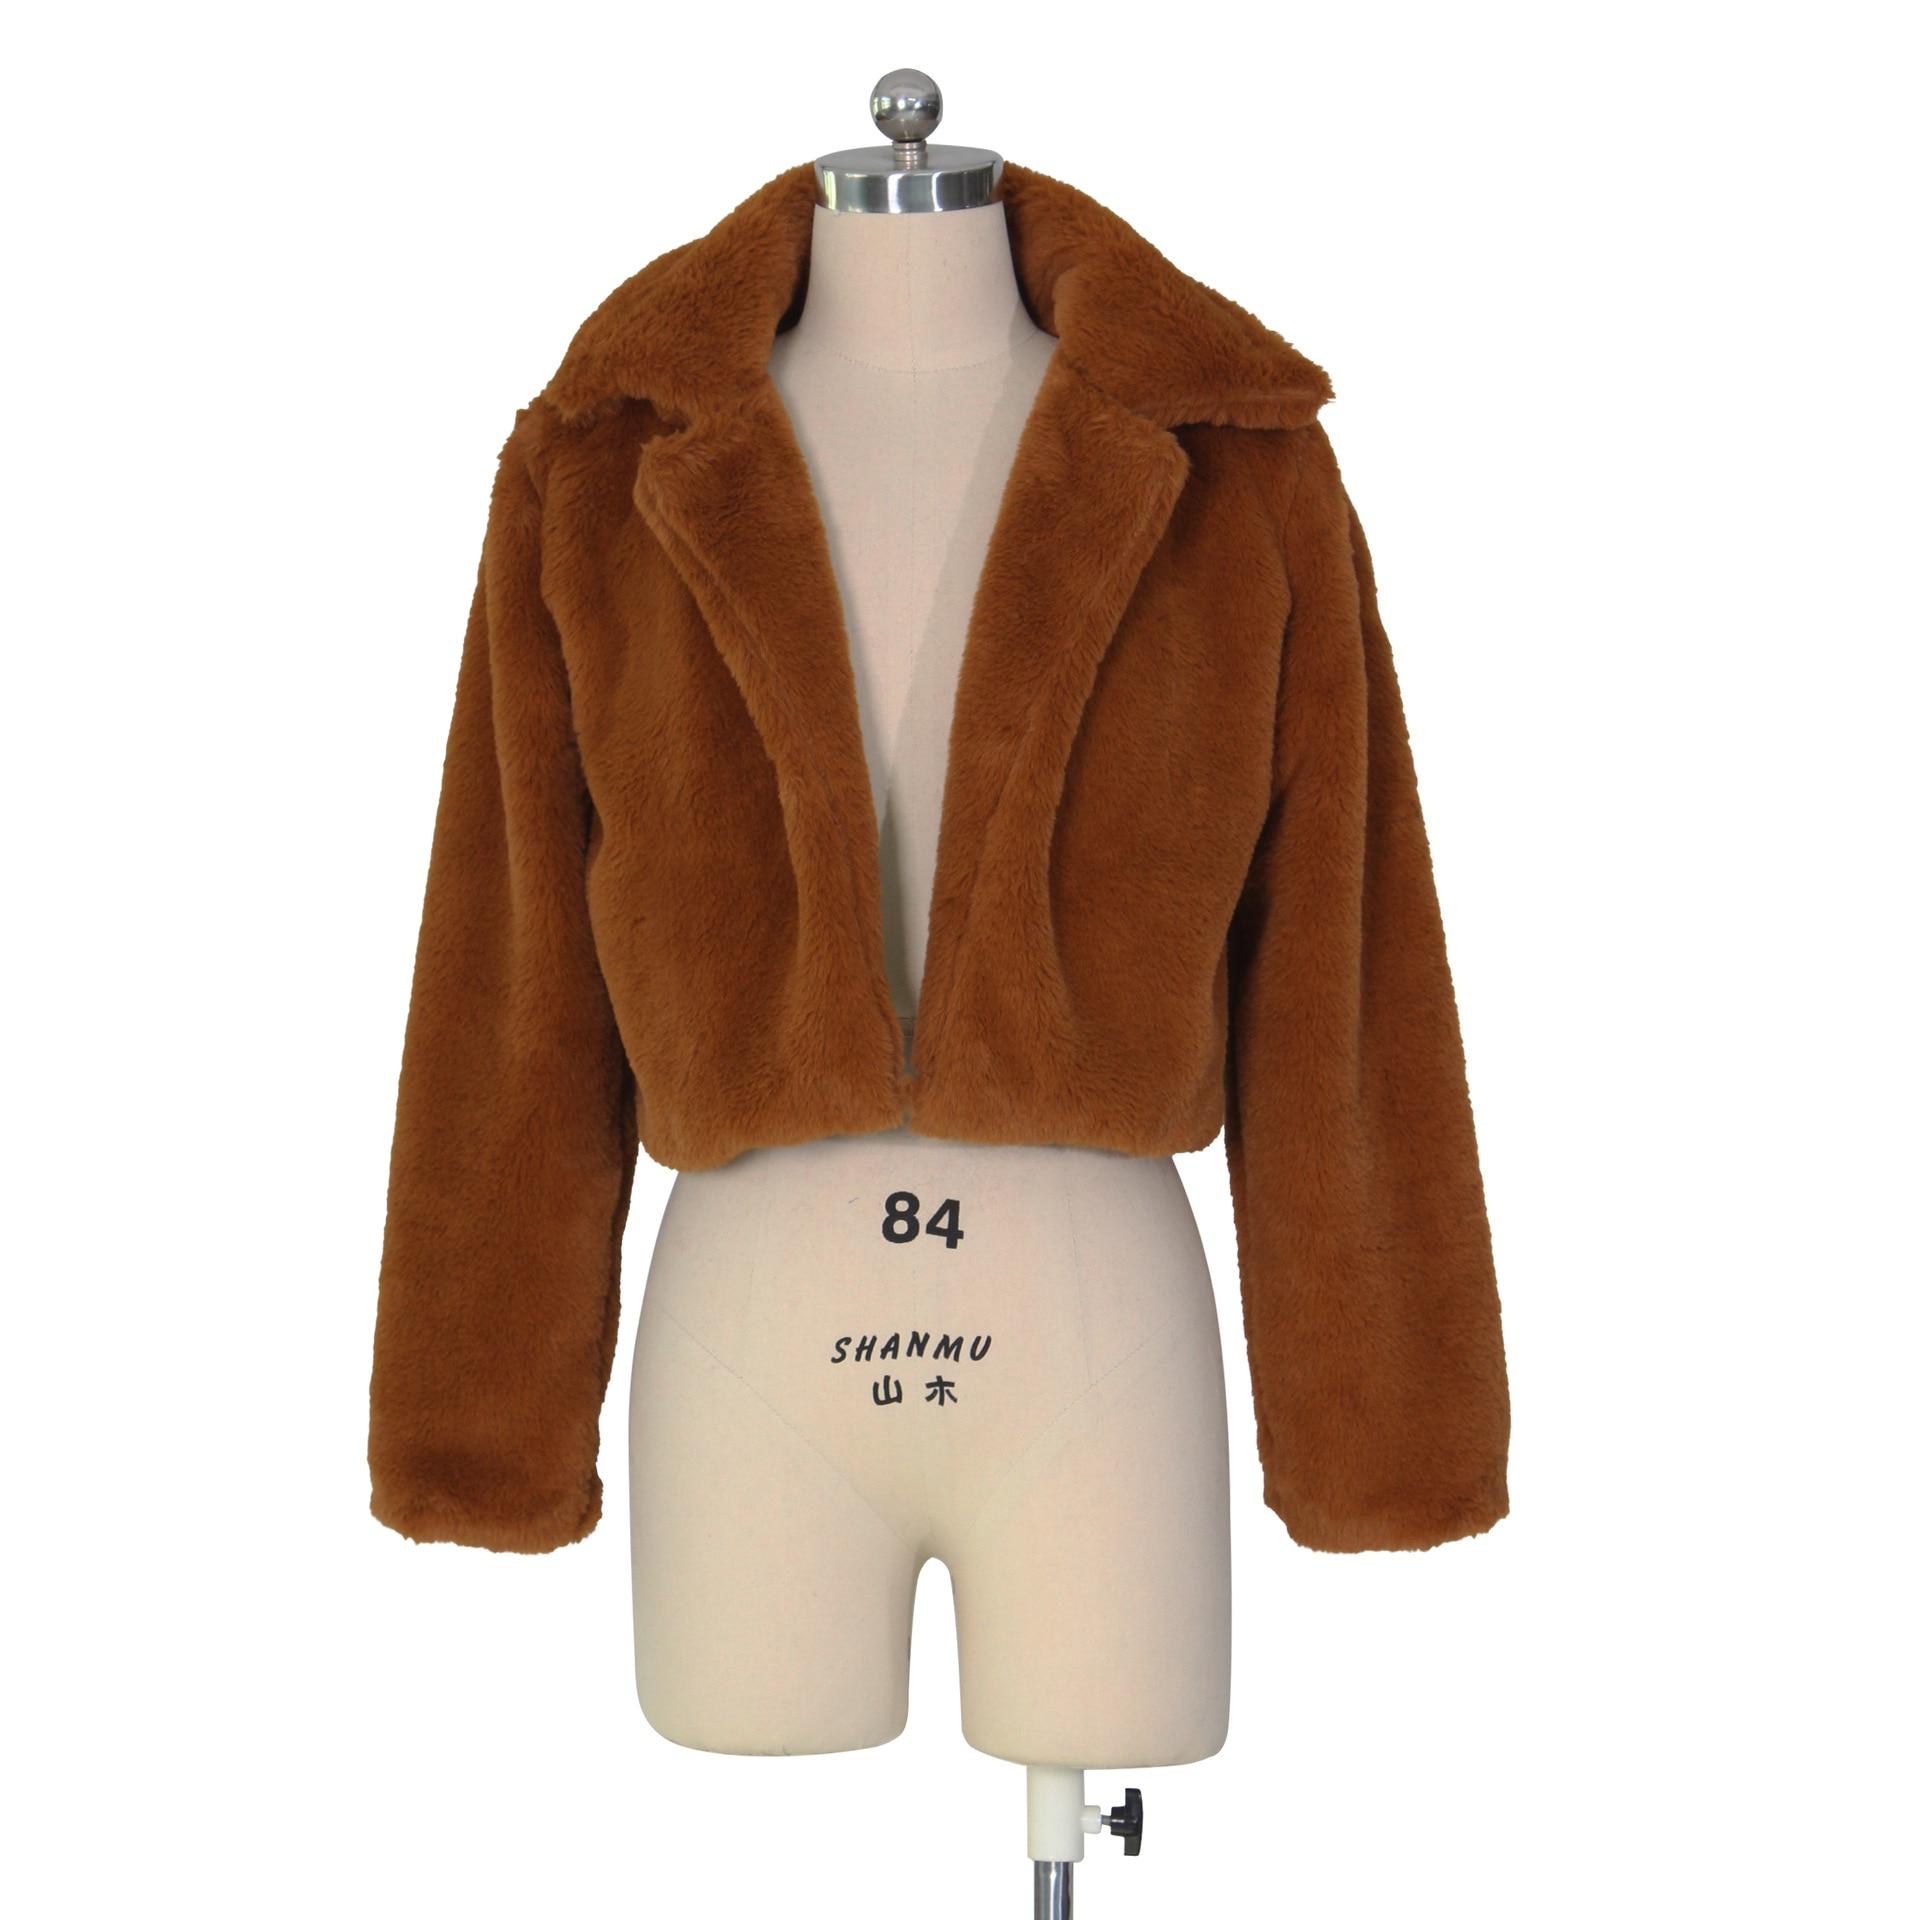 Femme Fermeture Éclair Crop Top Borg à capuche Femmes à manches longues fausse fourrure veste manteau